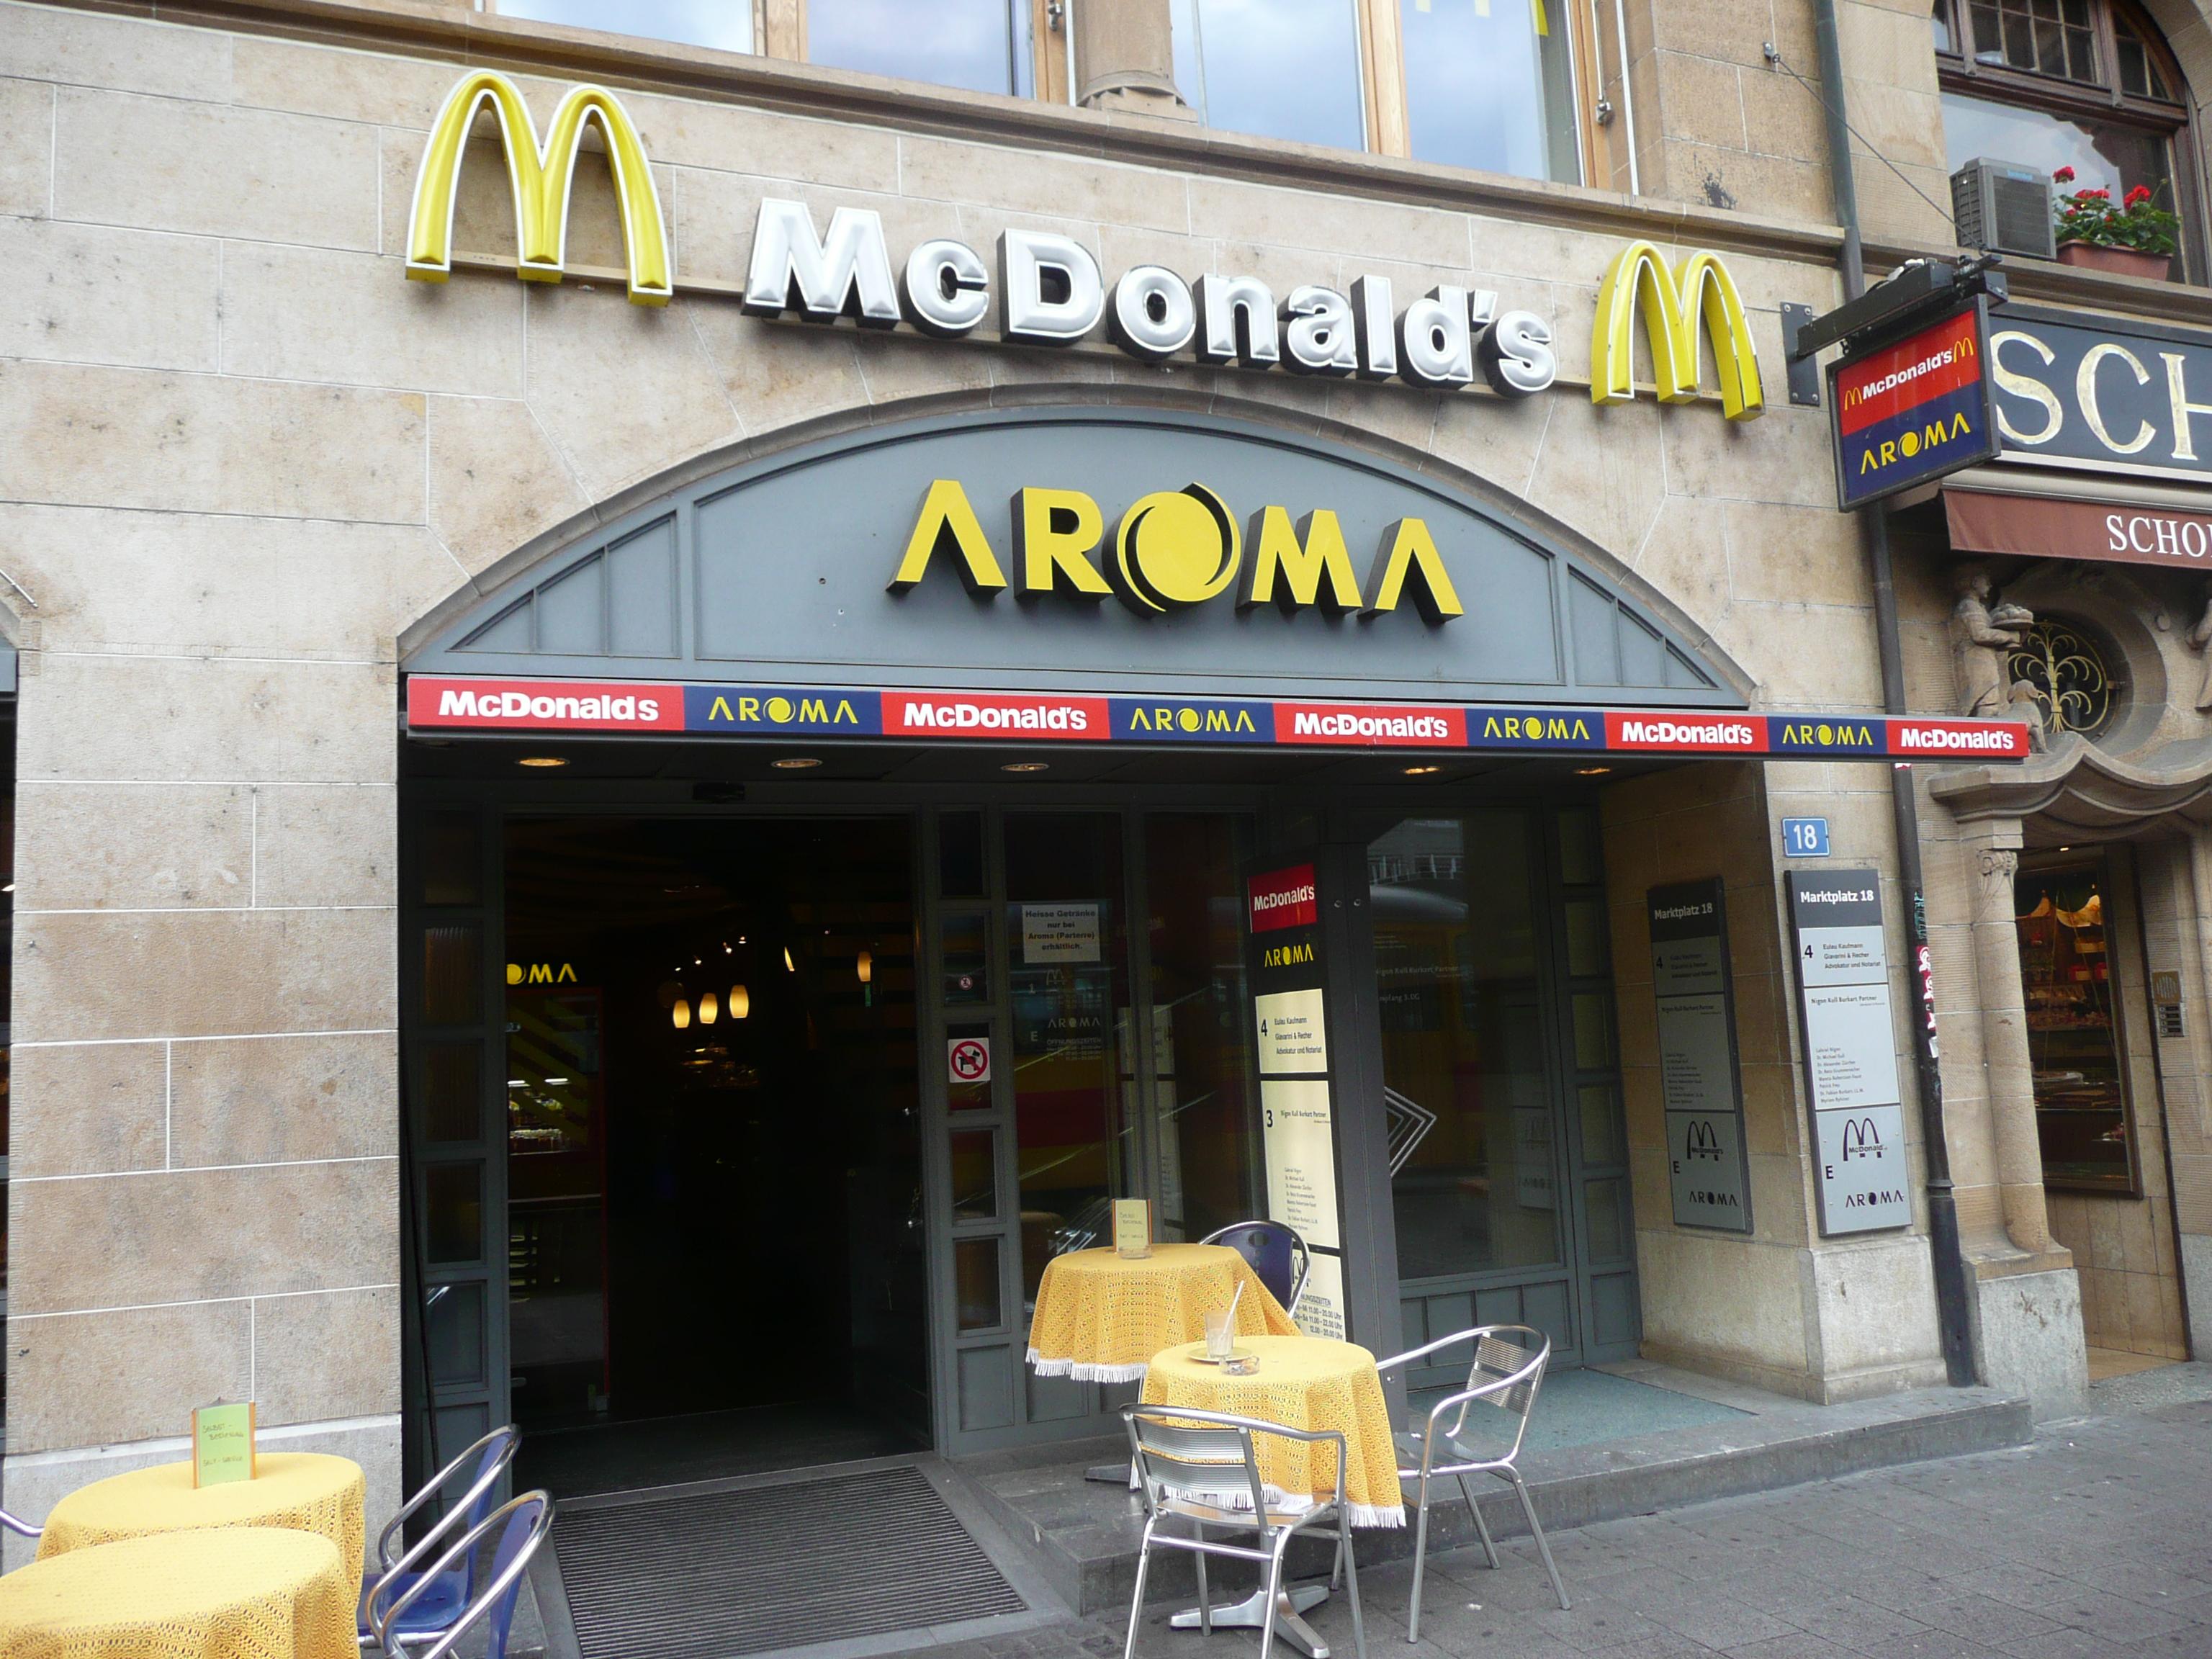 File:McDonalds Switzerland.jpg - Wikimedia Commons